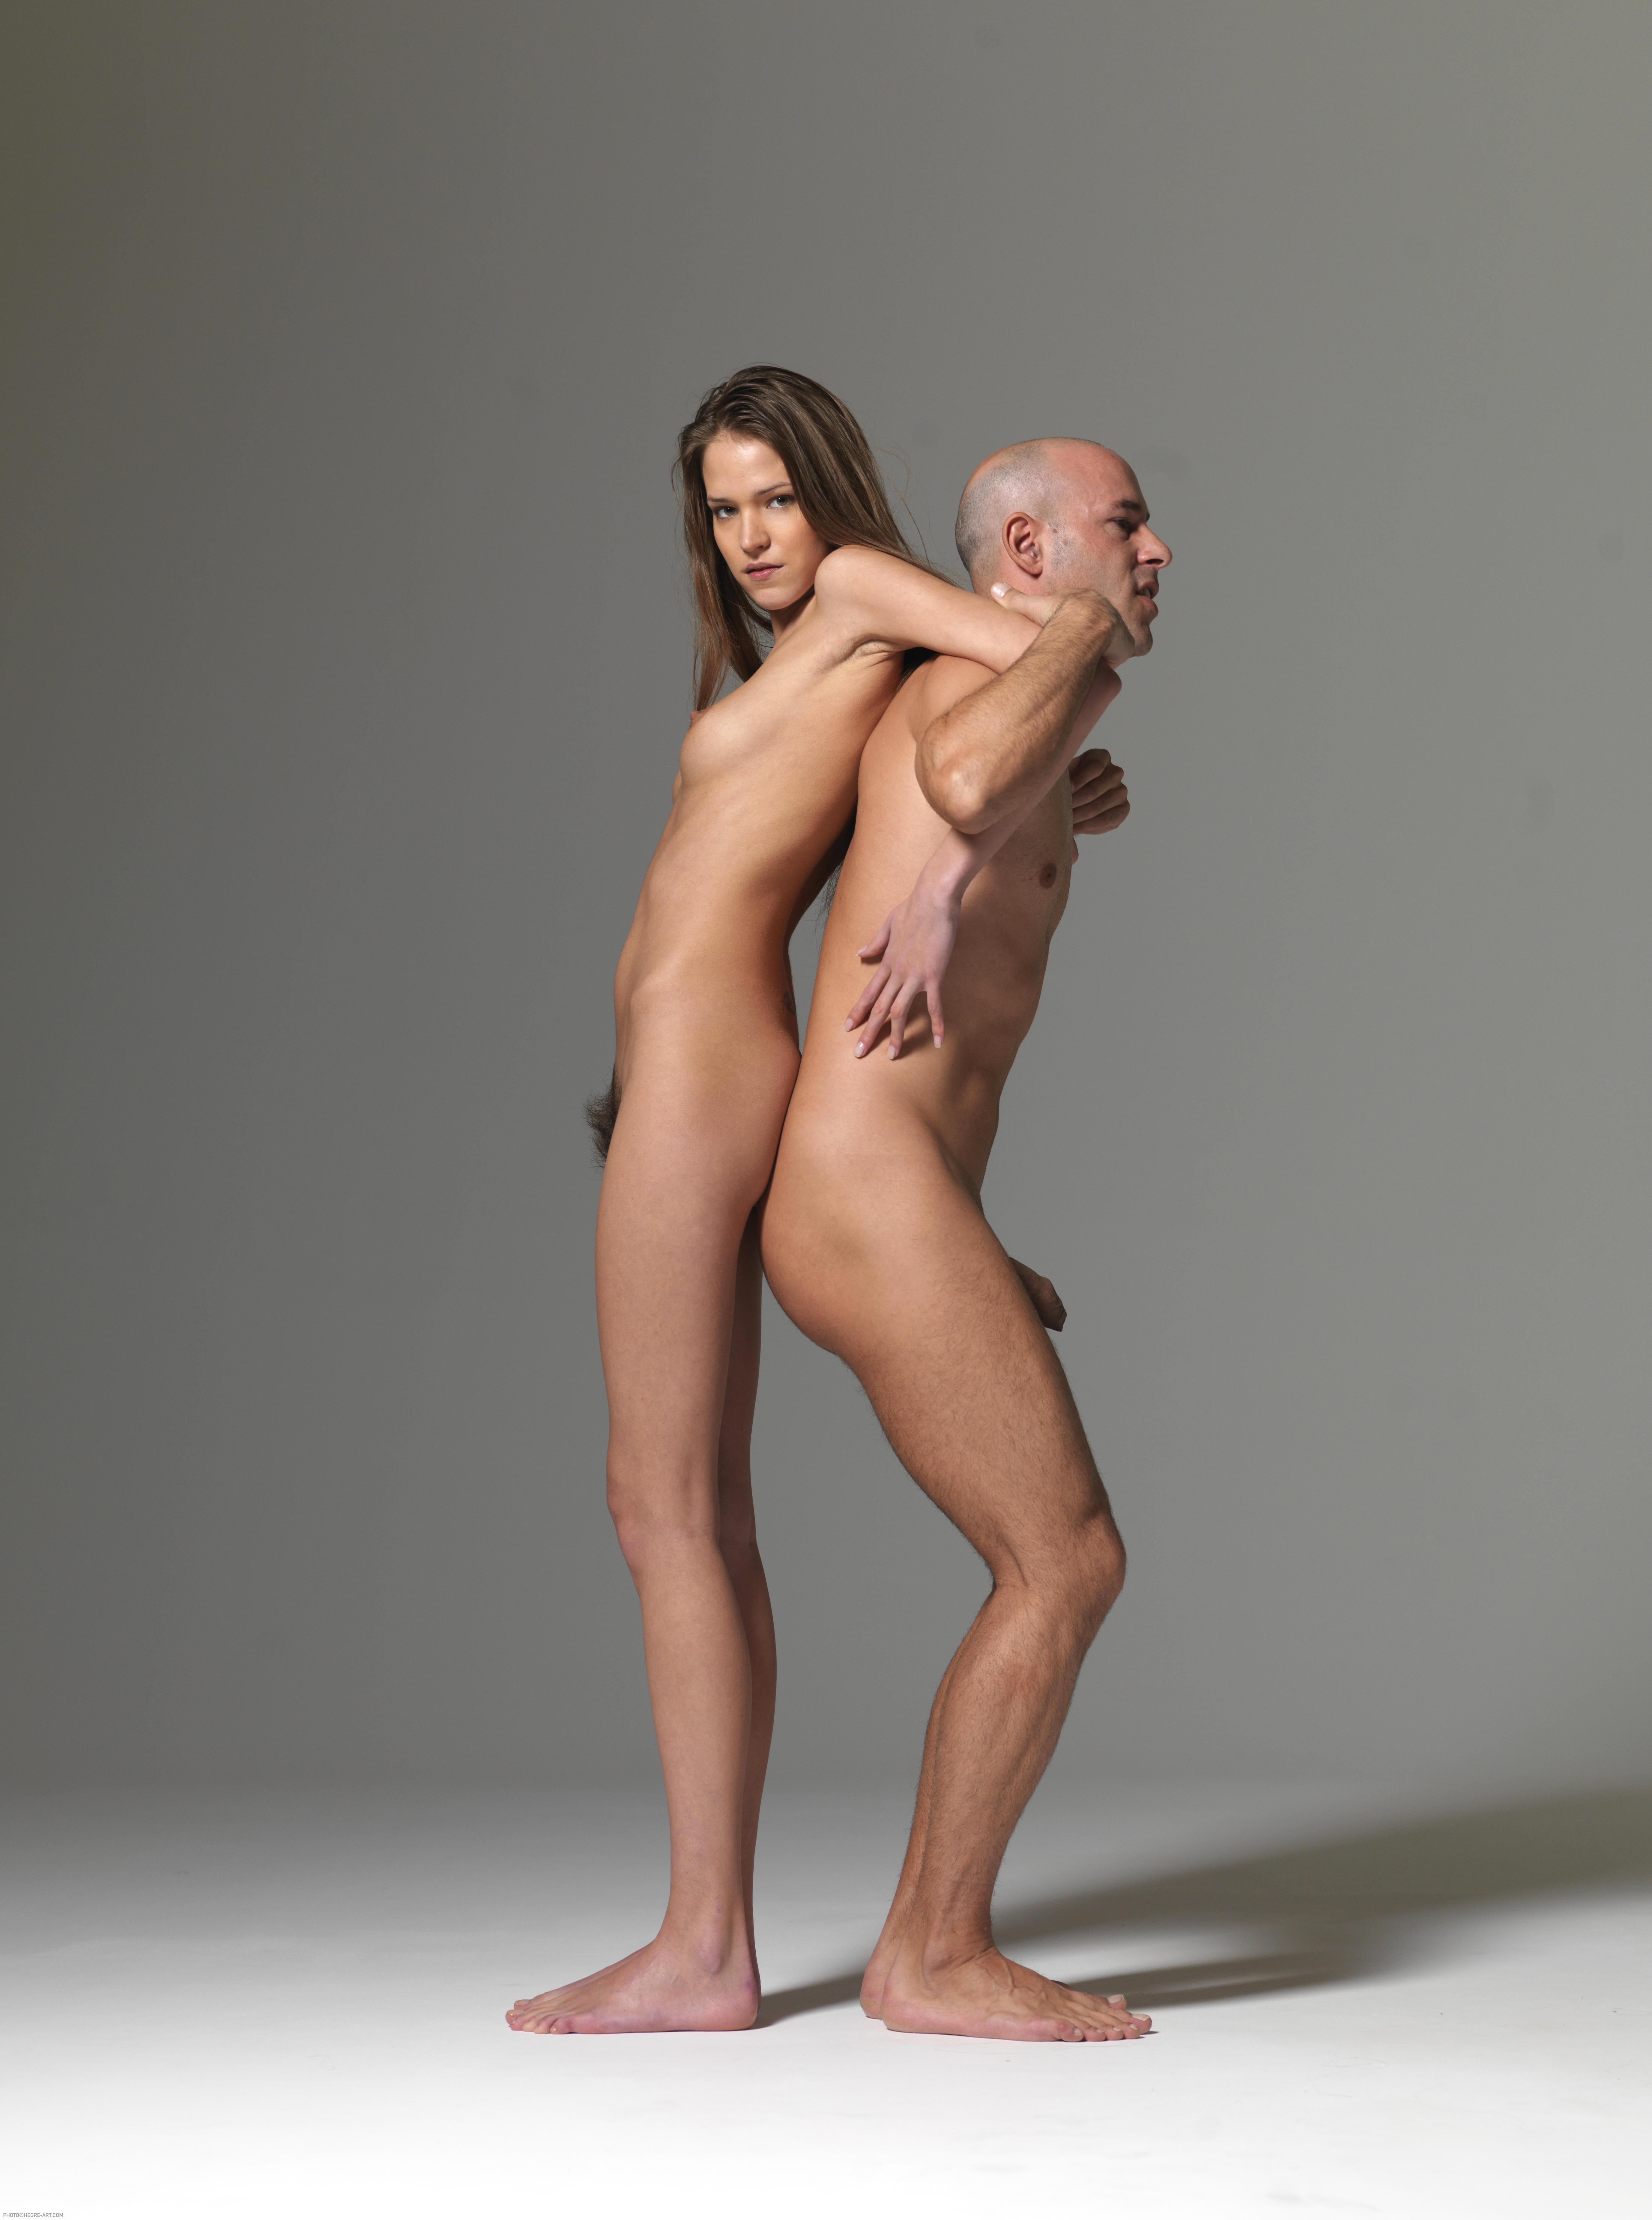 turboimagehost.com imagesize:960x144piss porn 1